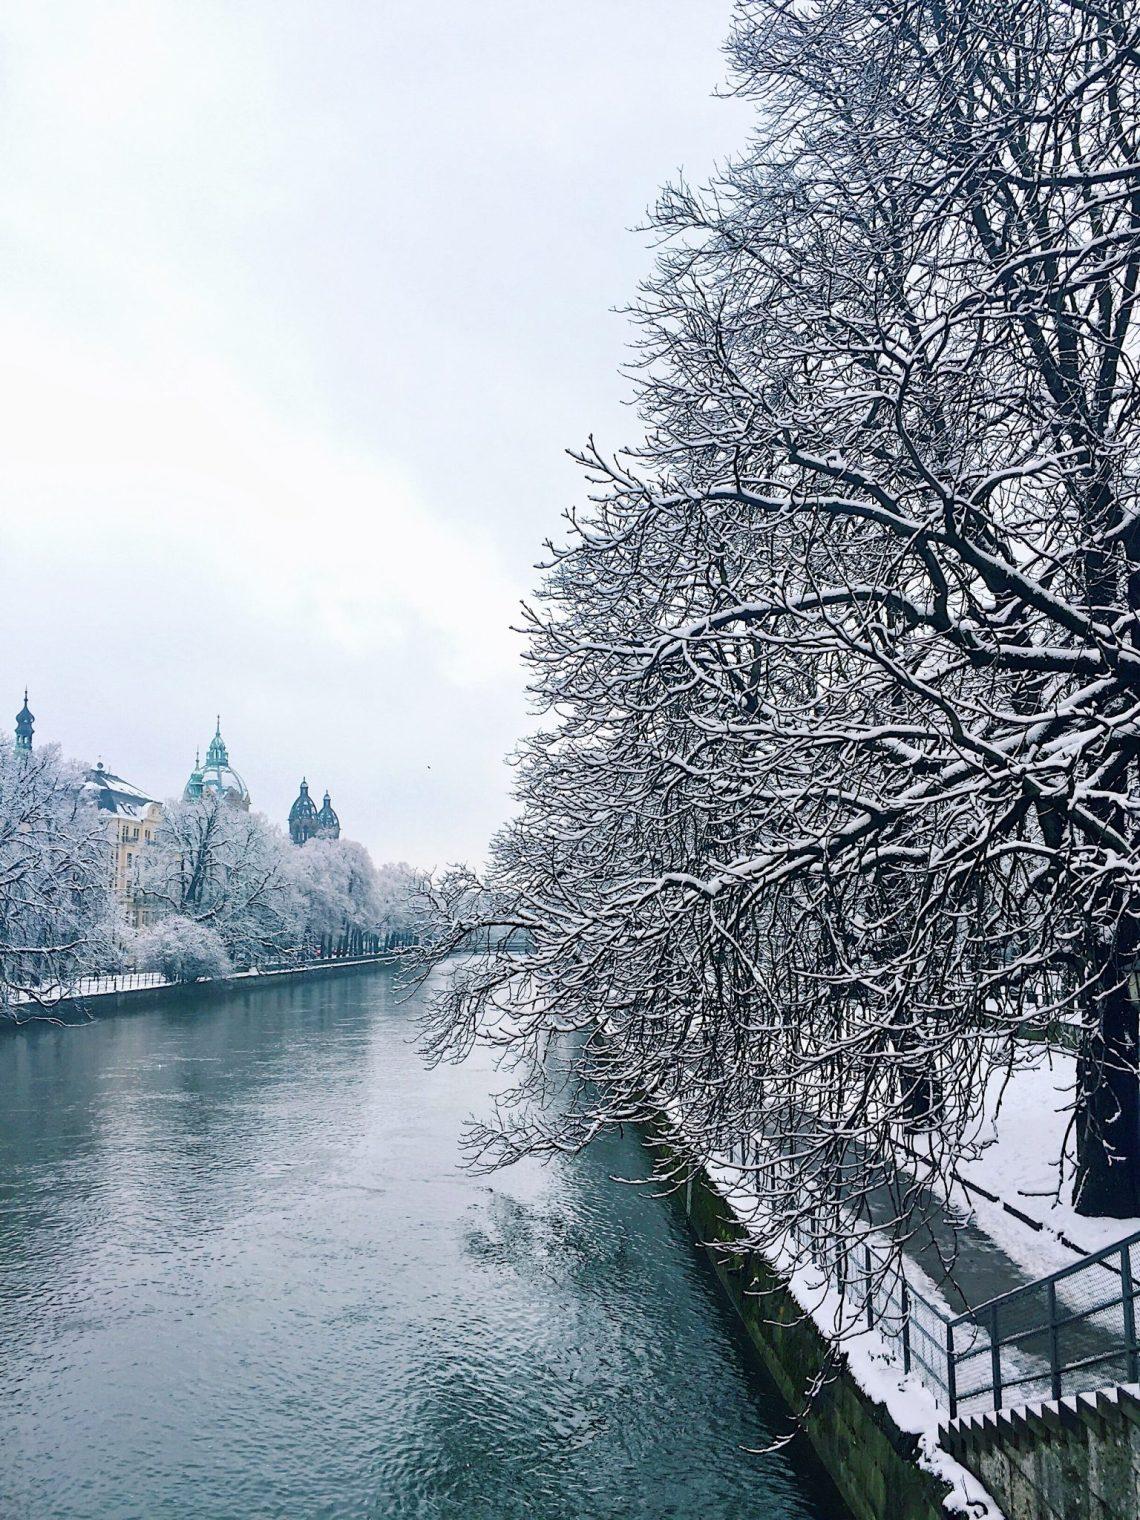 Winter in Munich